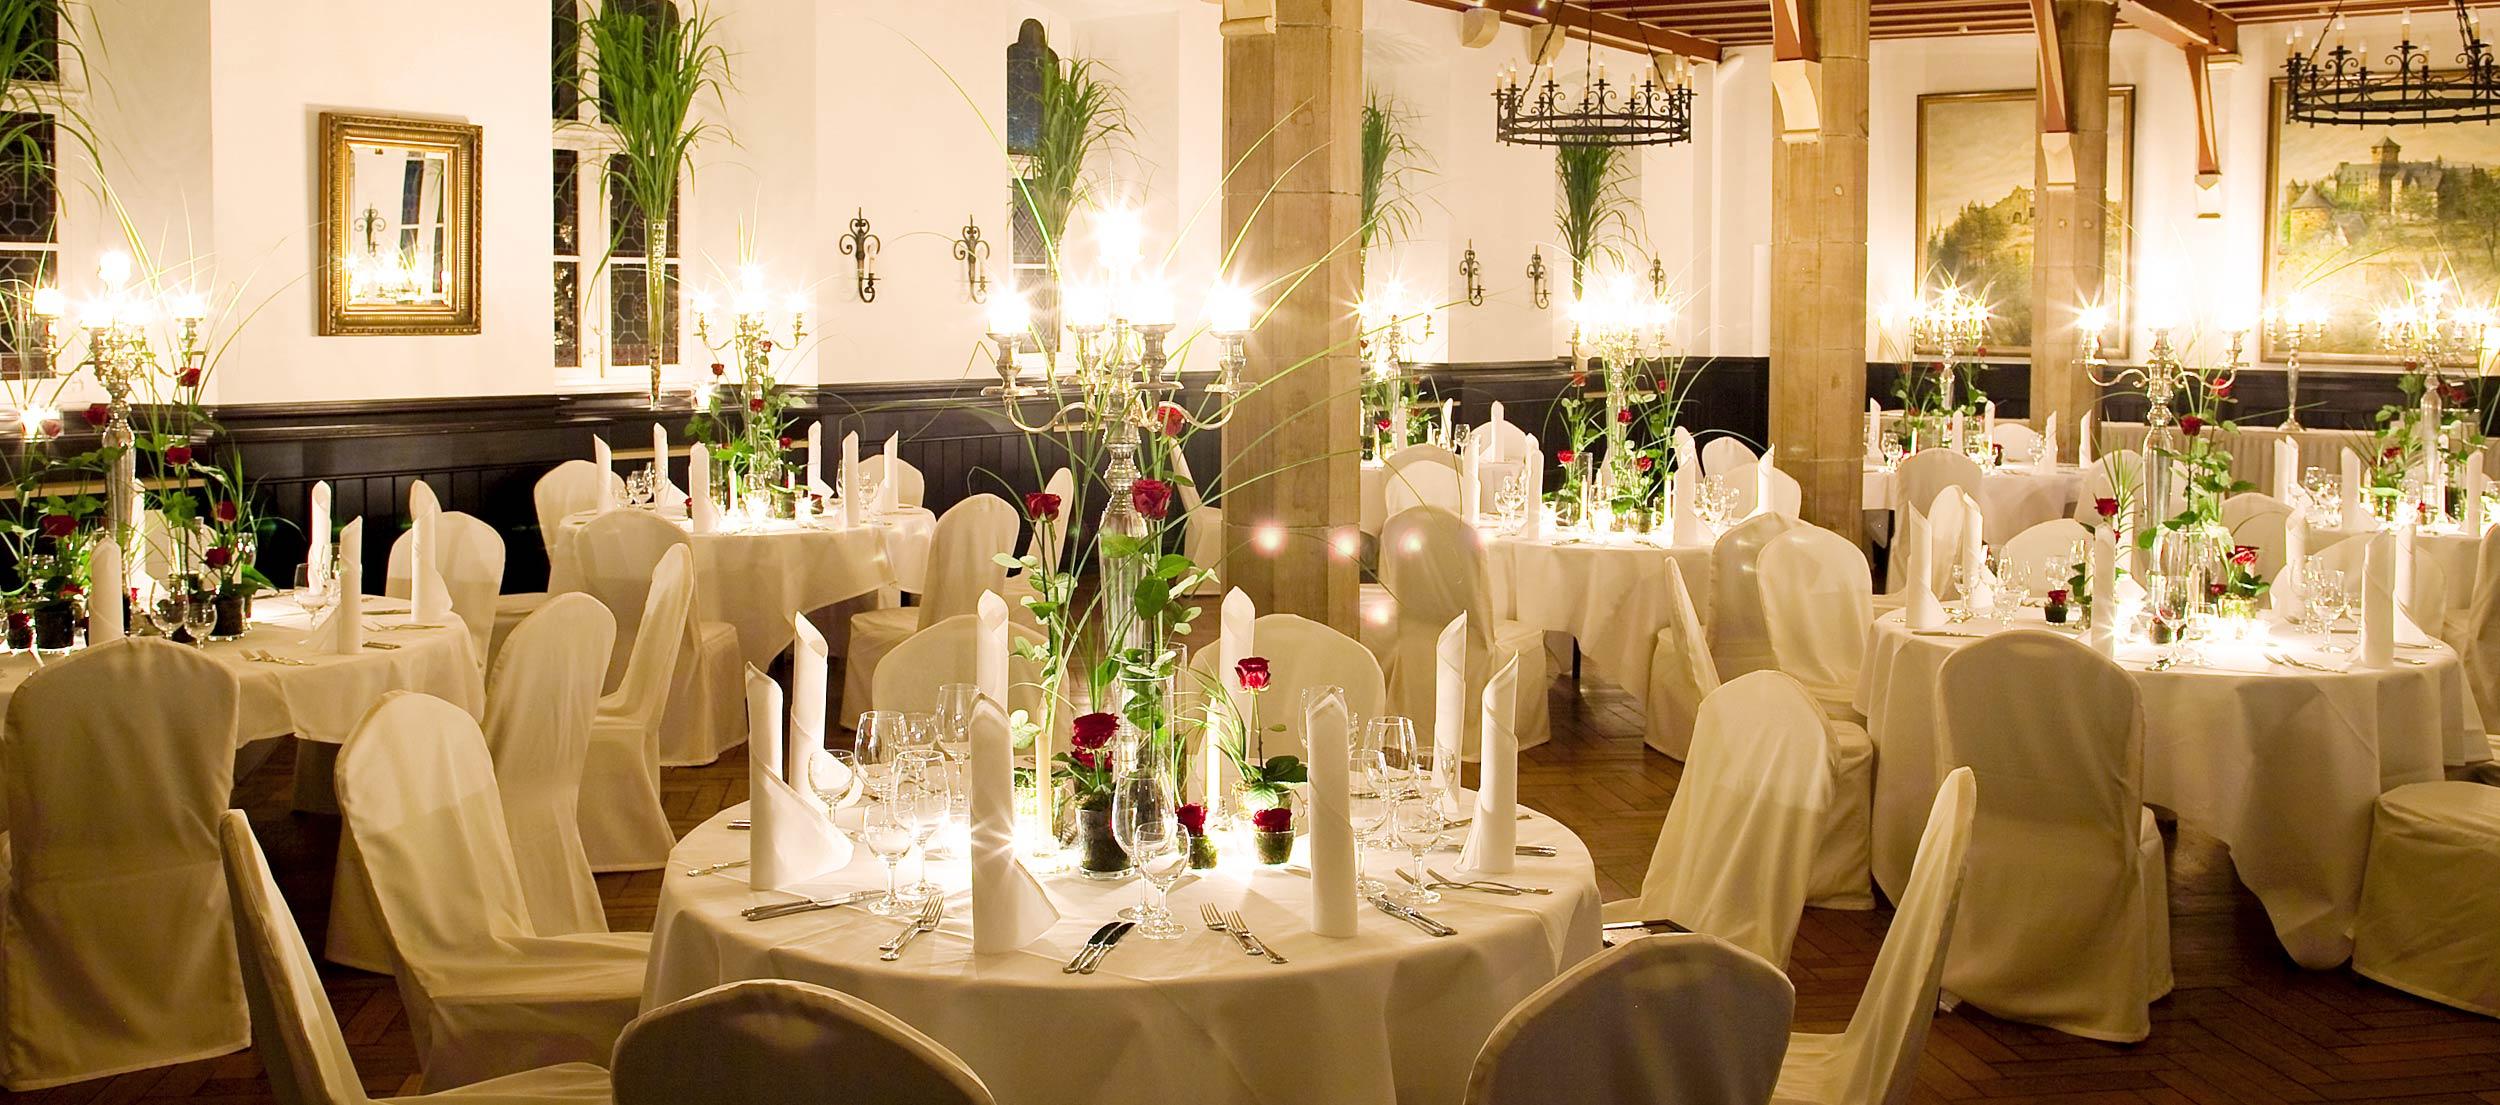 Stilvolle Tischdekoration für eine Hochzeit auf Schloss Burg.